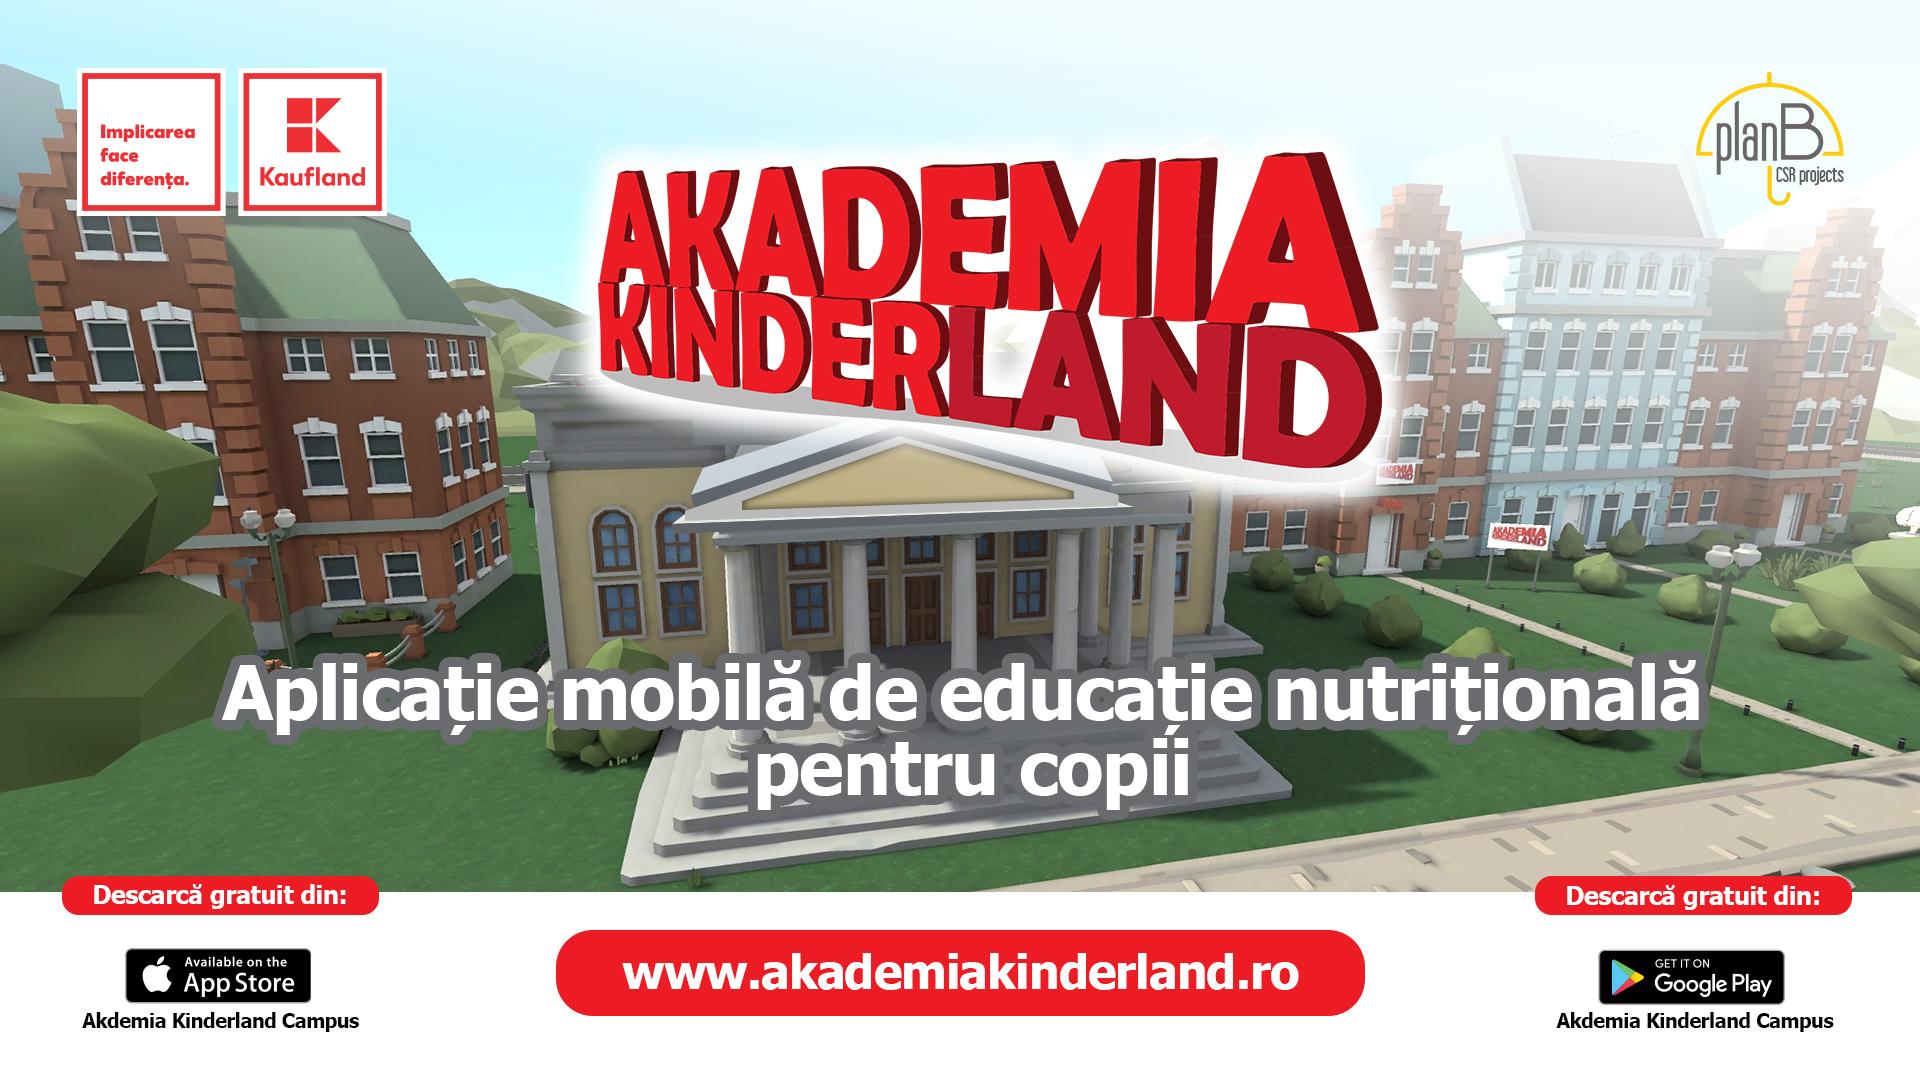 """De Ziua Copilului, Kaufland România lansează aplicația mobilă de educație nutrițională """"AKADEMIA KINDERLAND"""""""